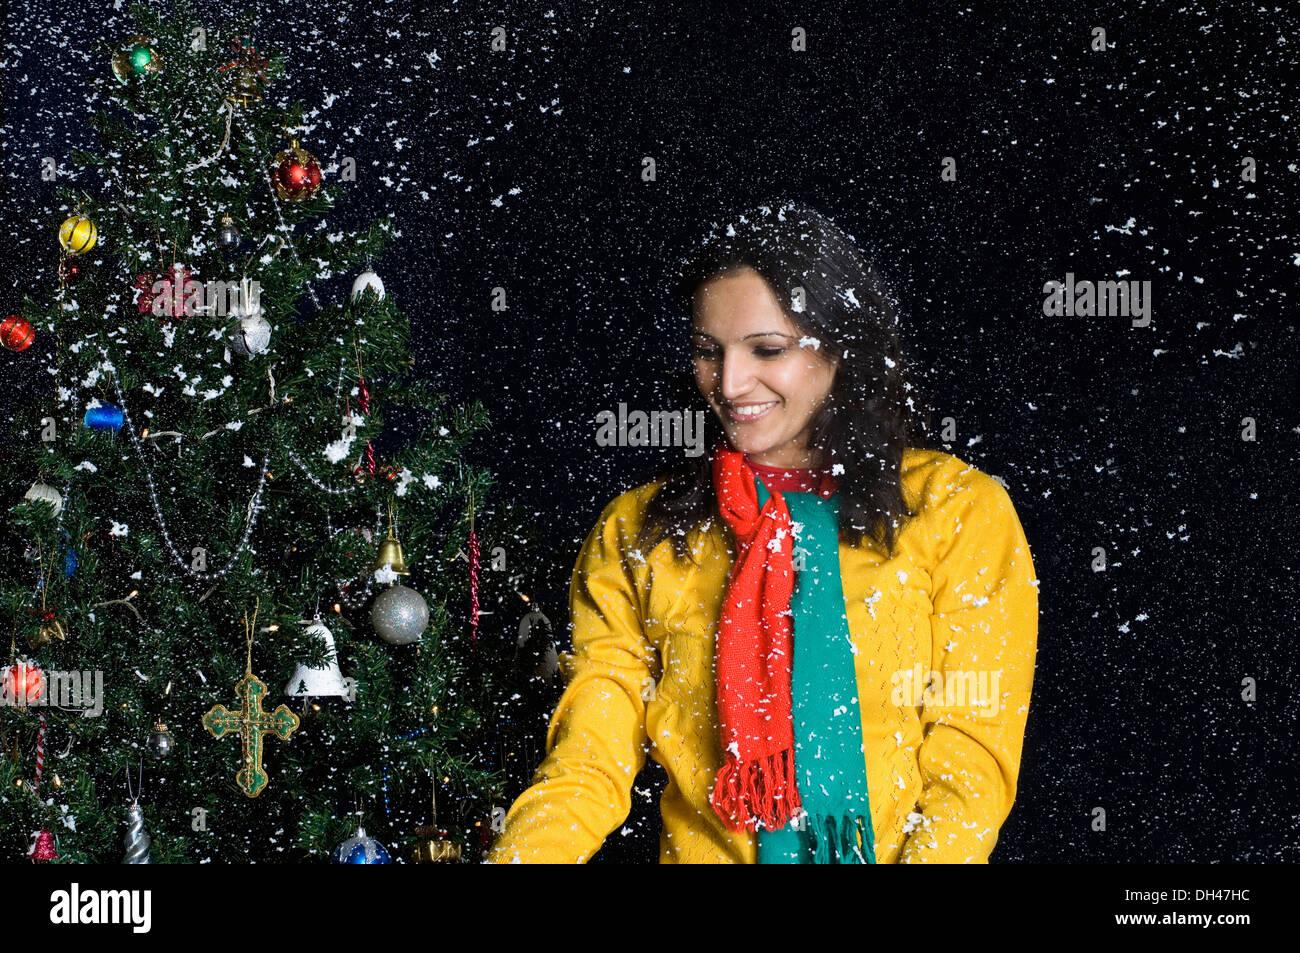 Mujer de pie en la nieve cerca de un árbol de Navidad Foto de stock